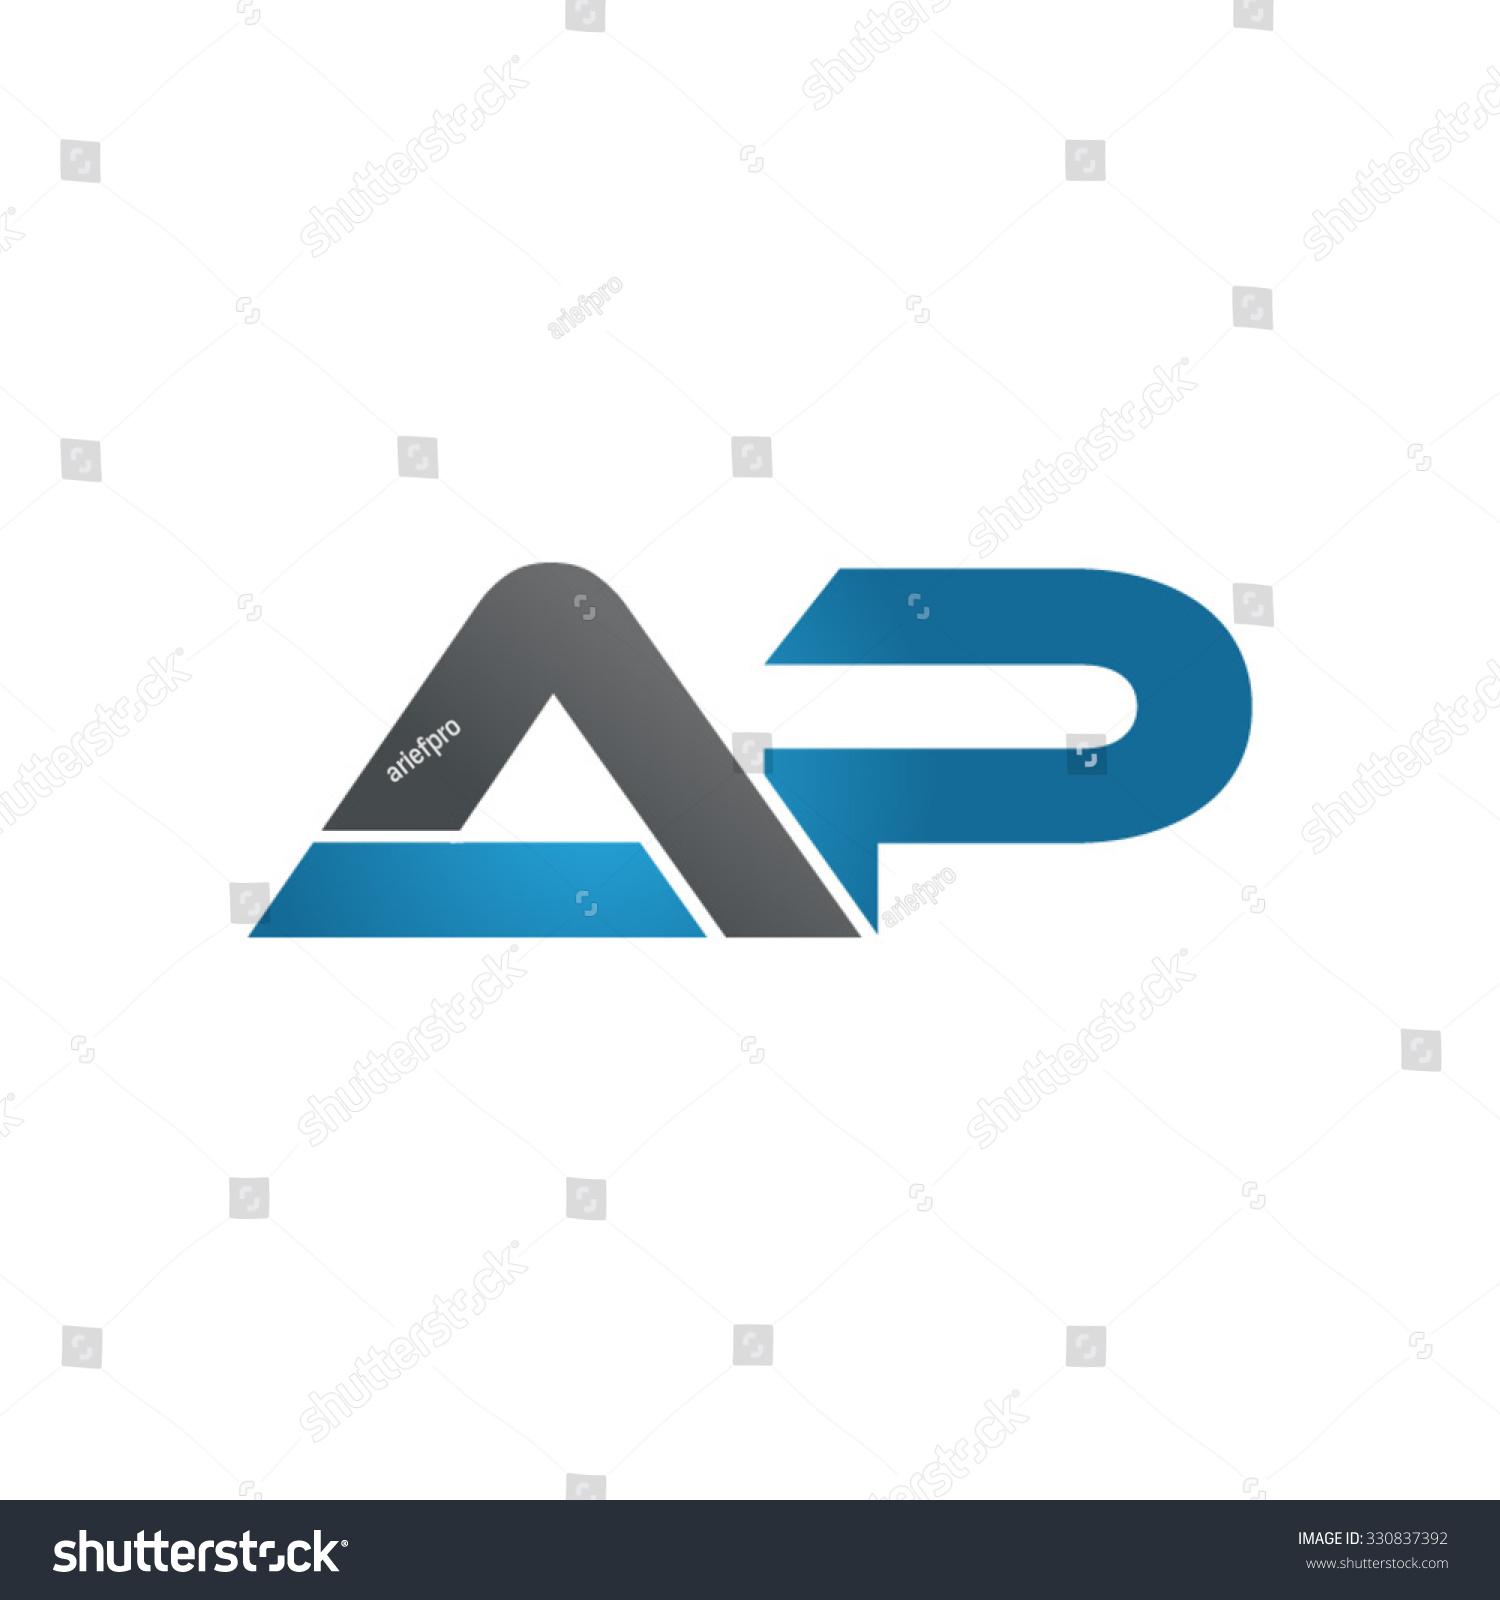 ap company linked letter logo blue stock vector 330837392. Black Bedroom Furniture Sets. Home Design Ideas